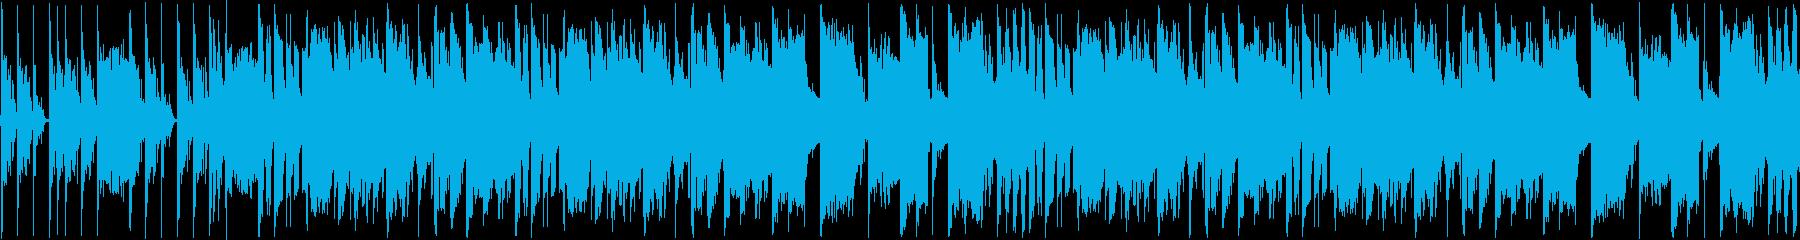 【ダブステップ×トランペットJAZZ】の再生済みの波形